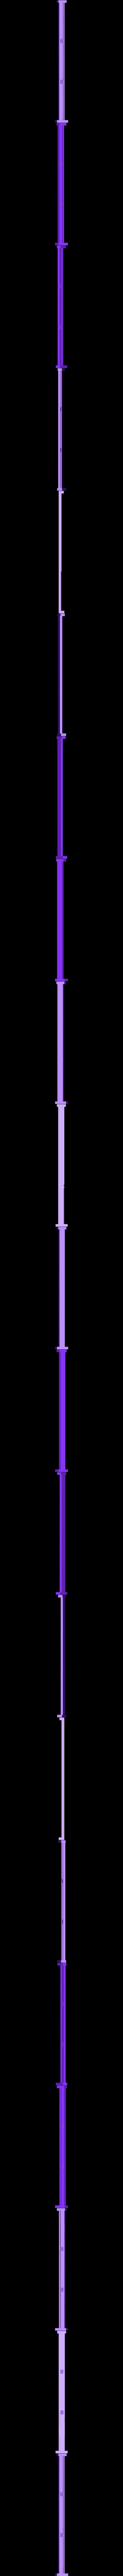 sup_column_3floor_b.stl Télécharger fichier STL gratuit Ripper's London - The (Modular) Factory • Modèle pour imprimante 3D, Earsling